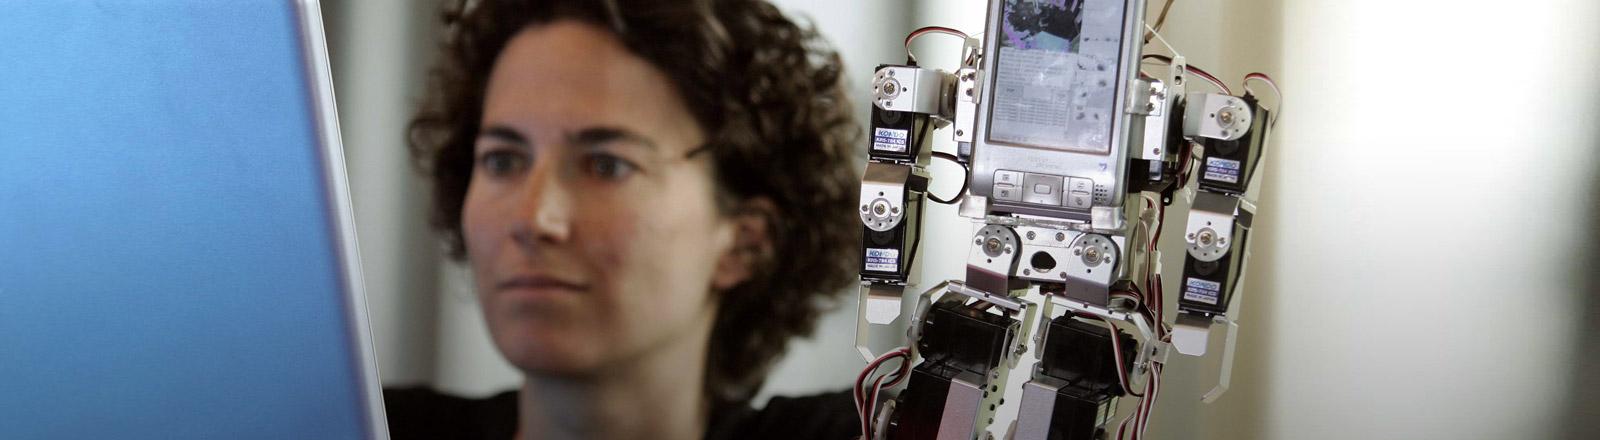 Eine Frau vor einem Computer, der einen Roboter steuert